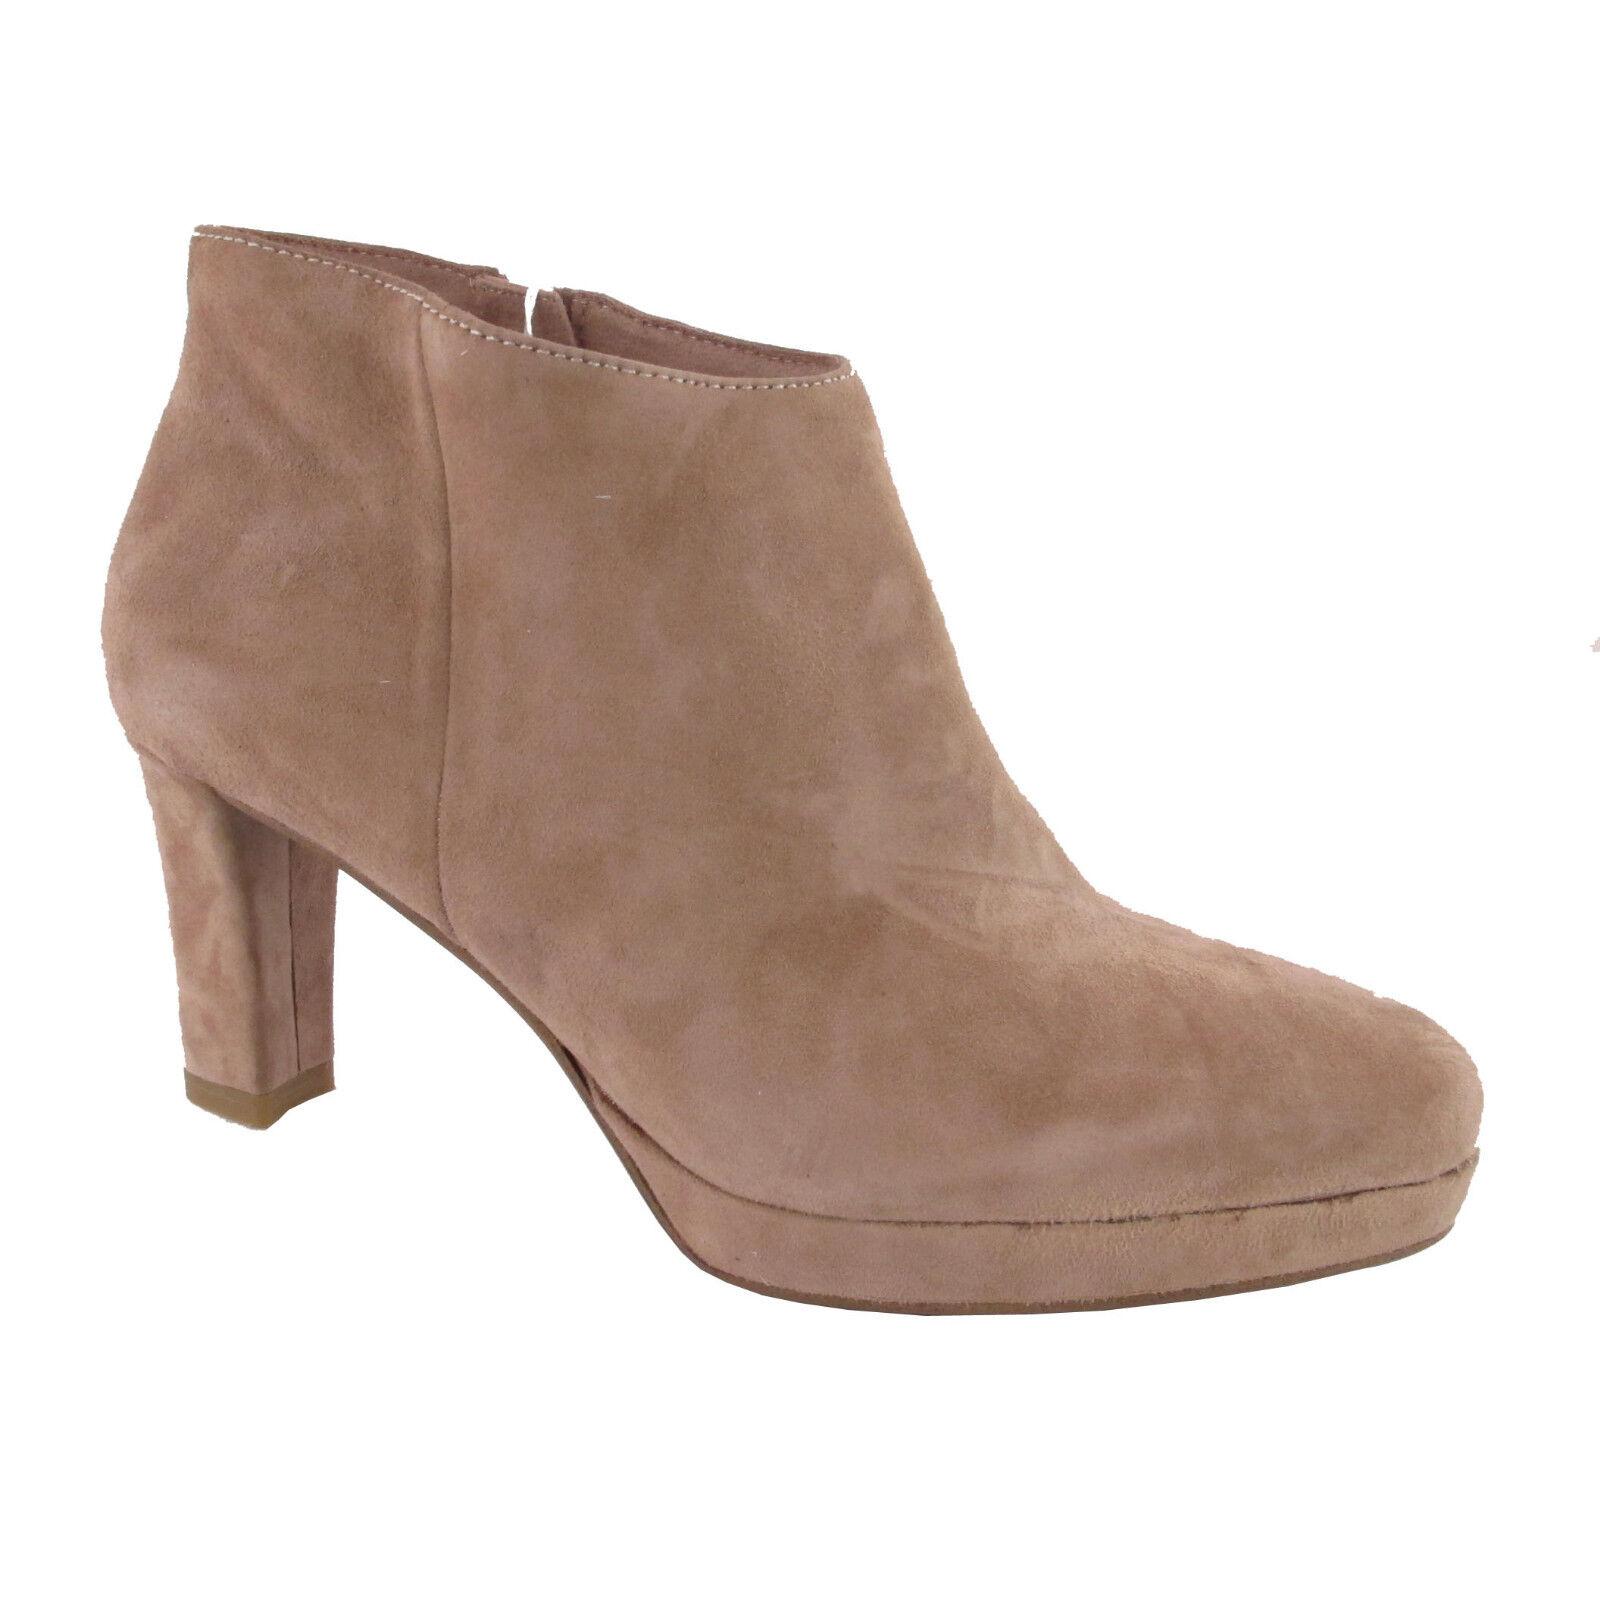 Tamaris ankleboots rosa gamuza-cuero nuevo zapatos señora botín plataforma nuevo